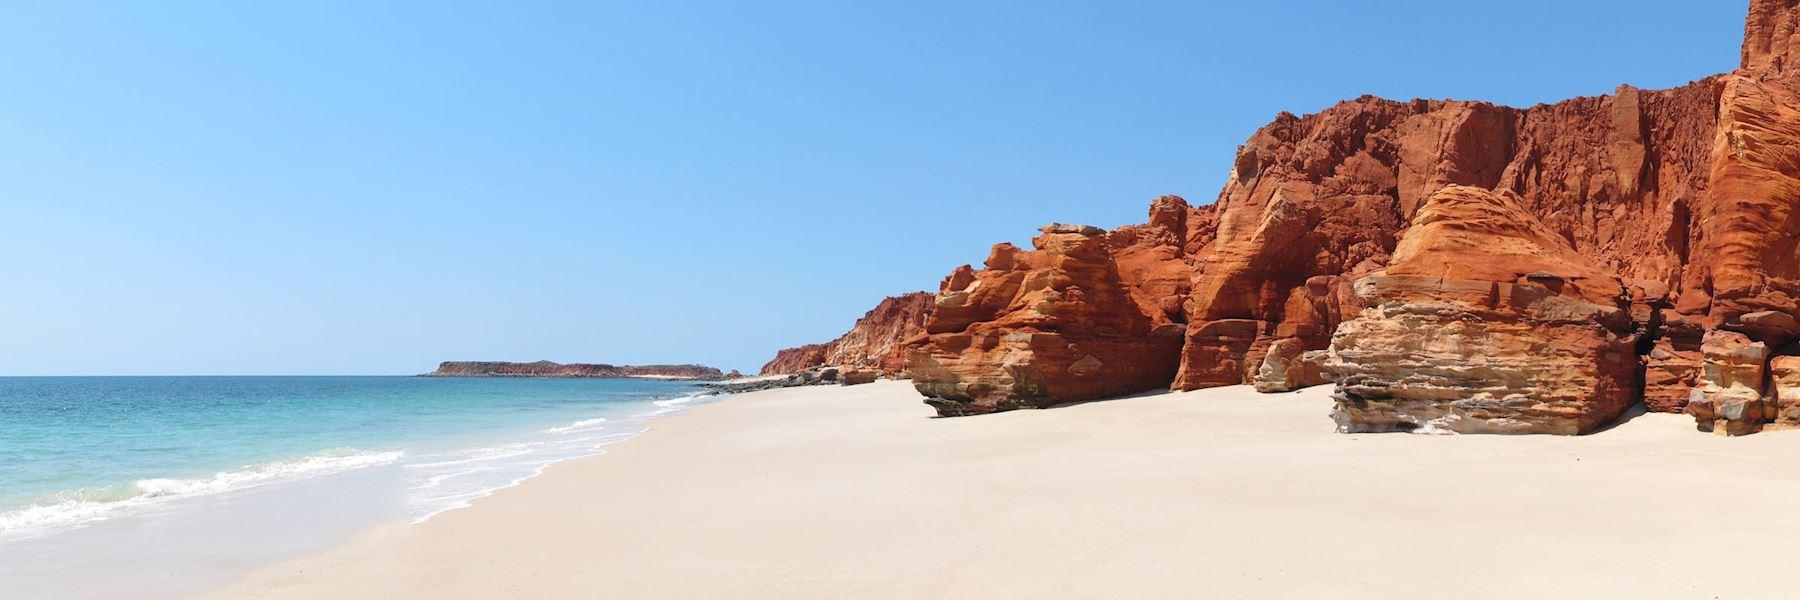 Visit Cape Lévêque, Dampier Peninsula, Australia